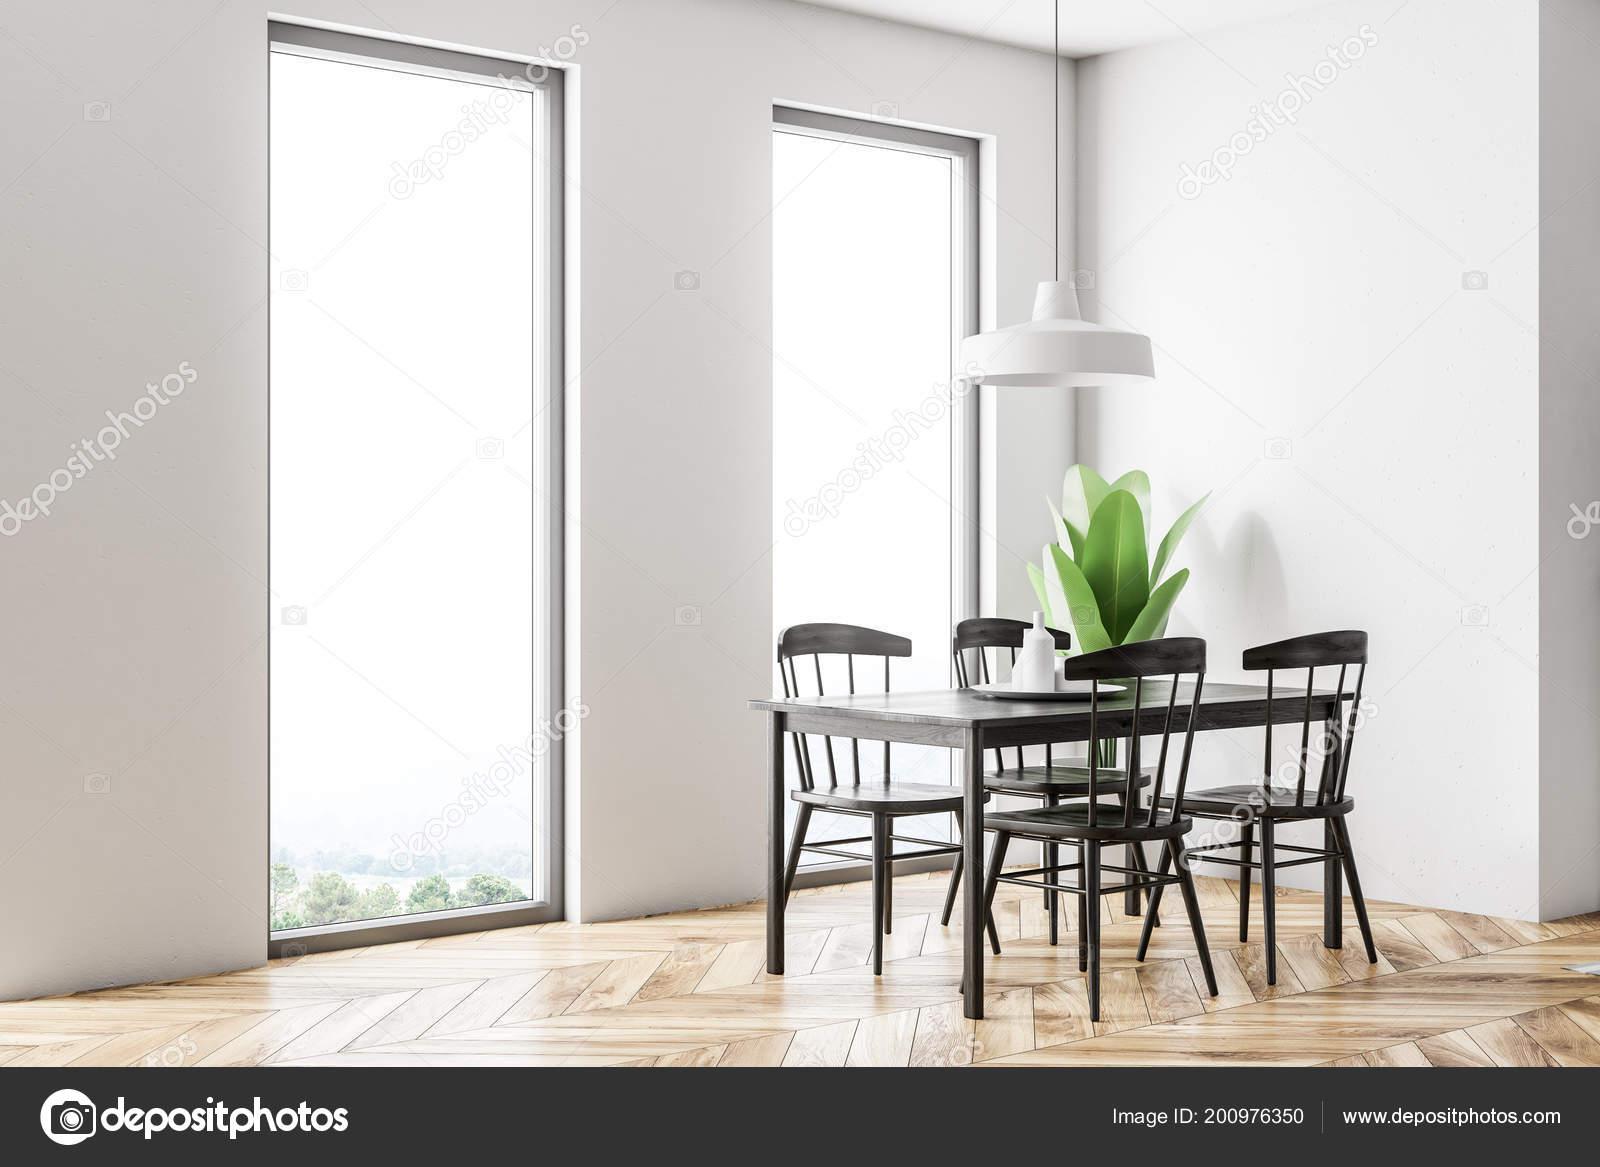 Weißen Skandinavischen Stil Esszimmer Interieur Mit Einem ...